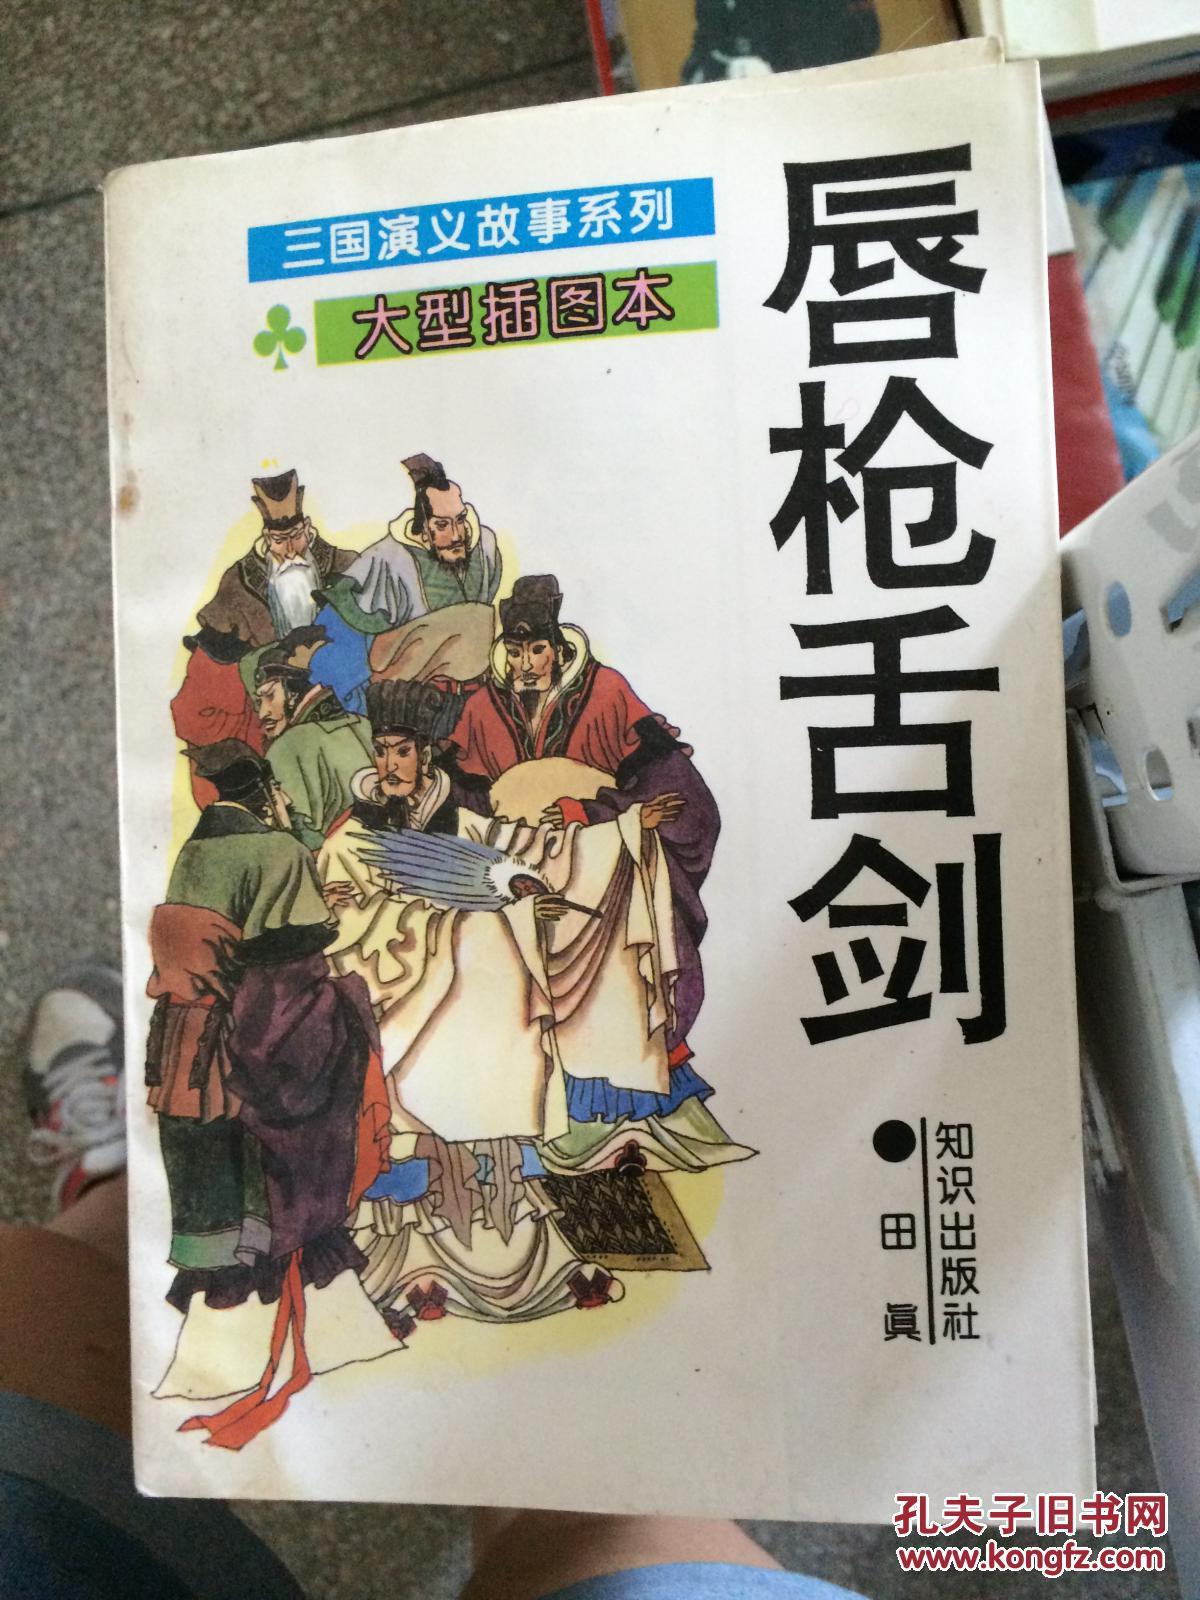 关于关羽的成语故事_三国演义中的故事 - www.aiei0w.com